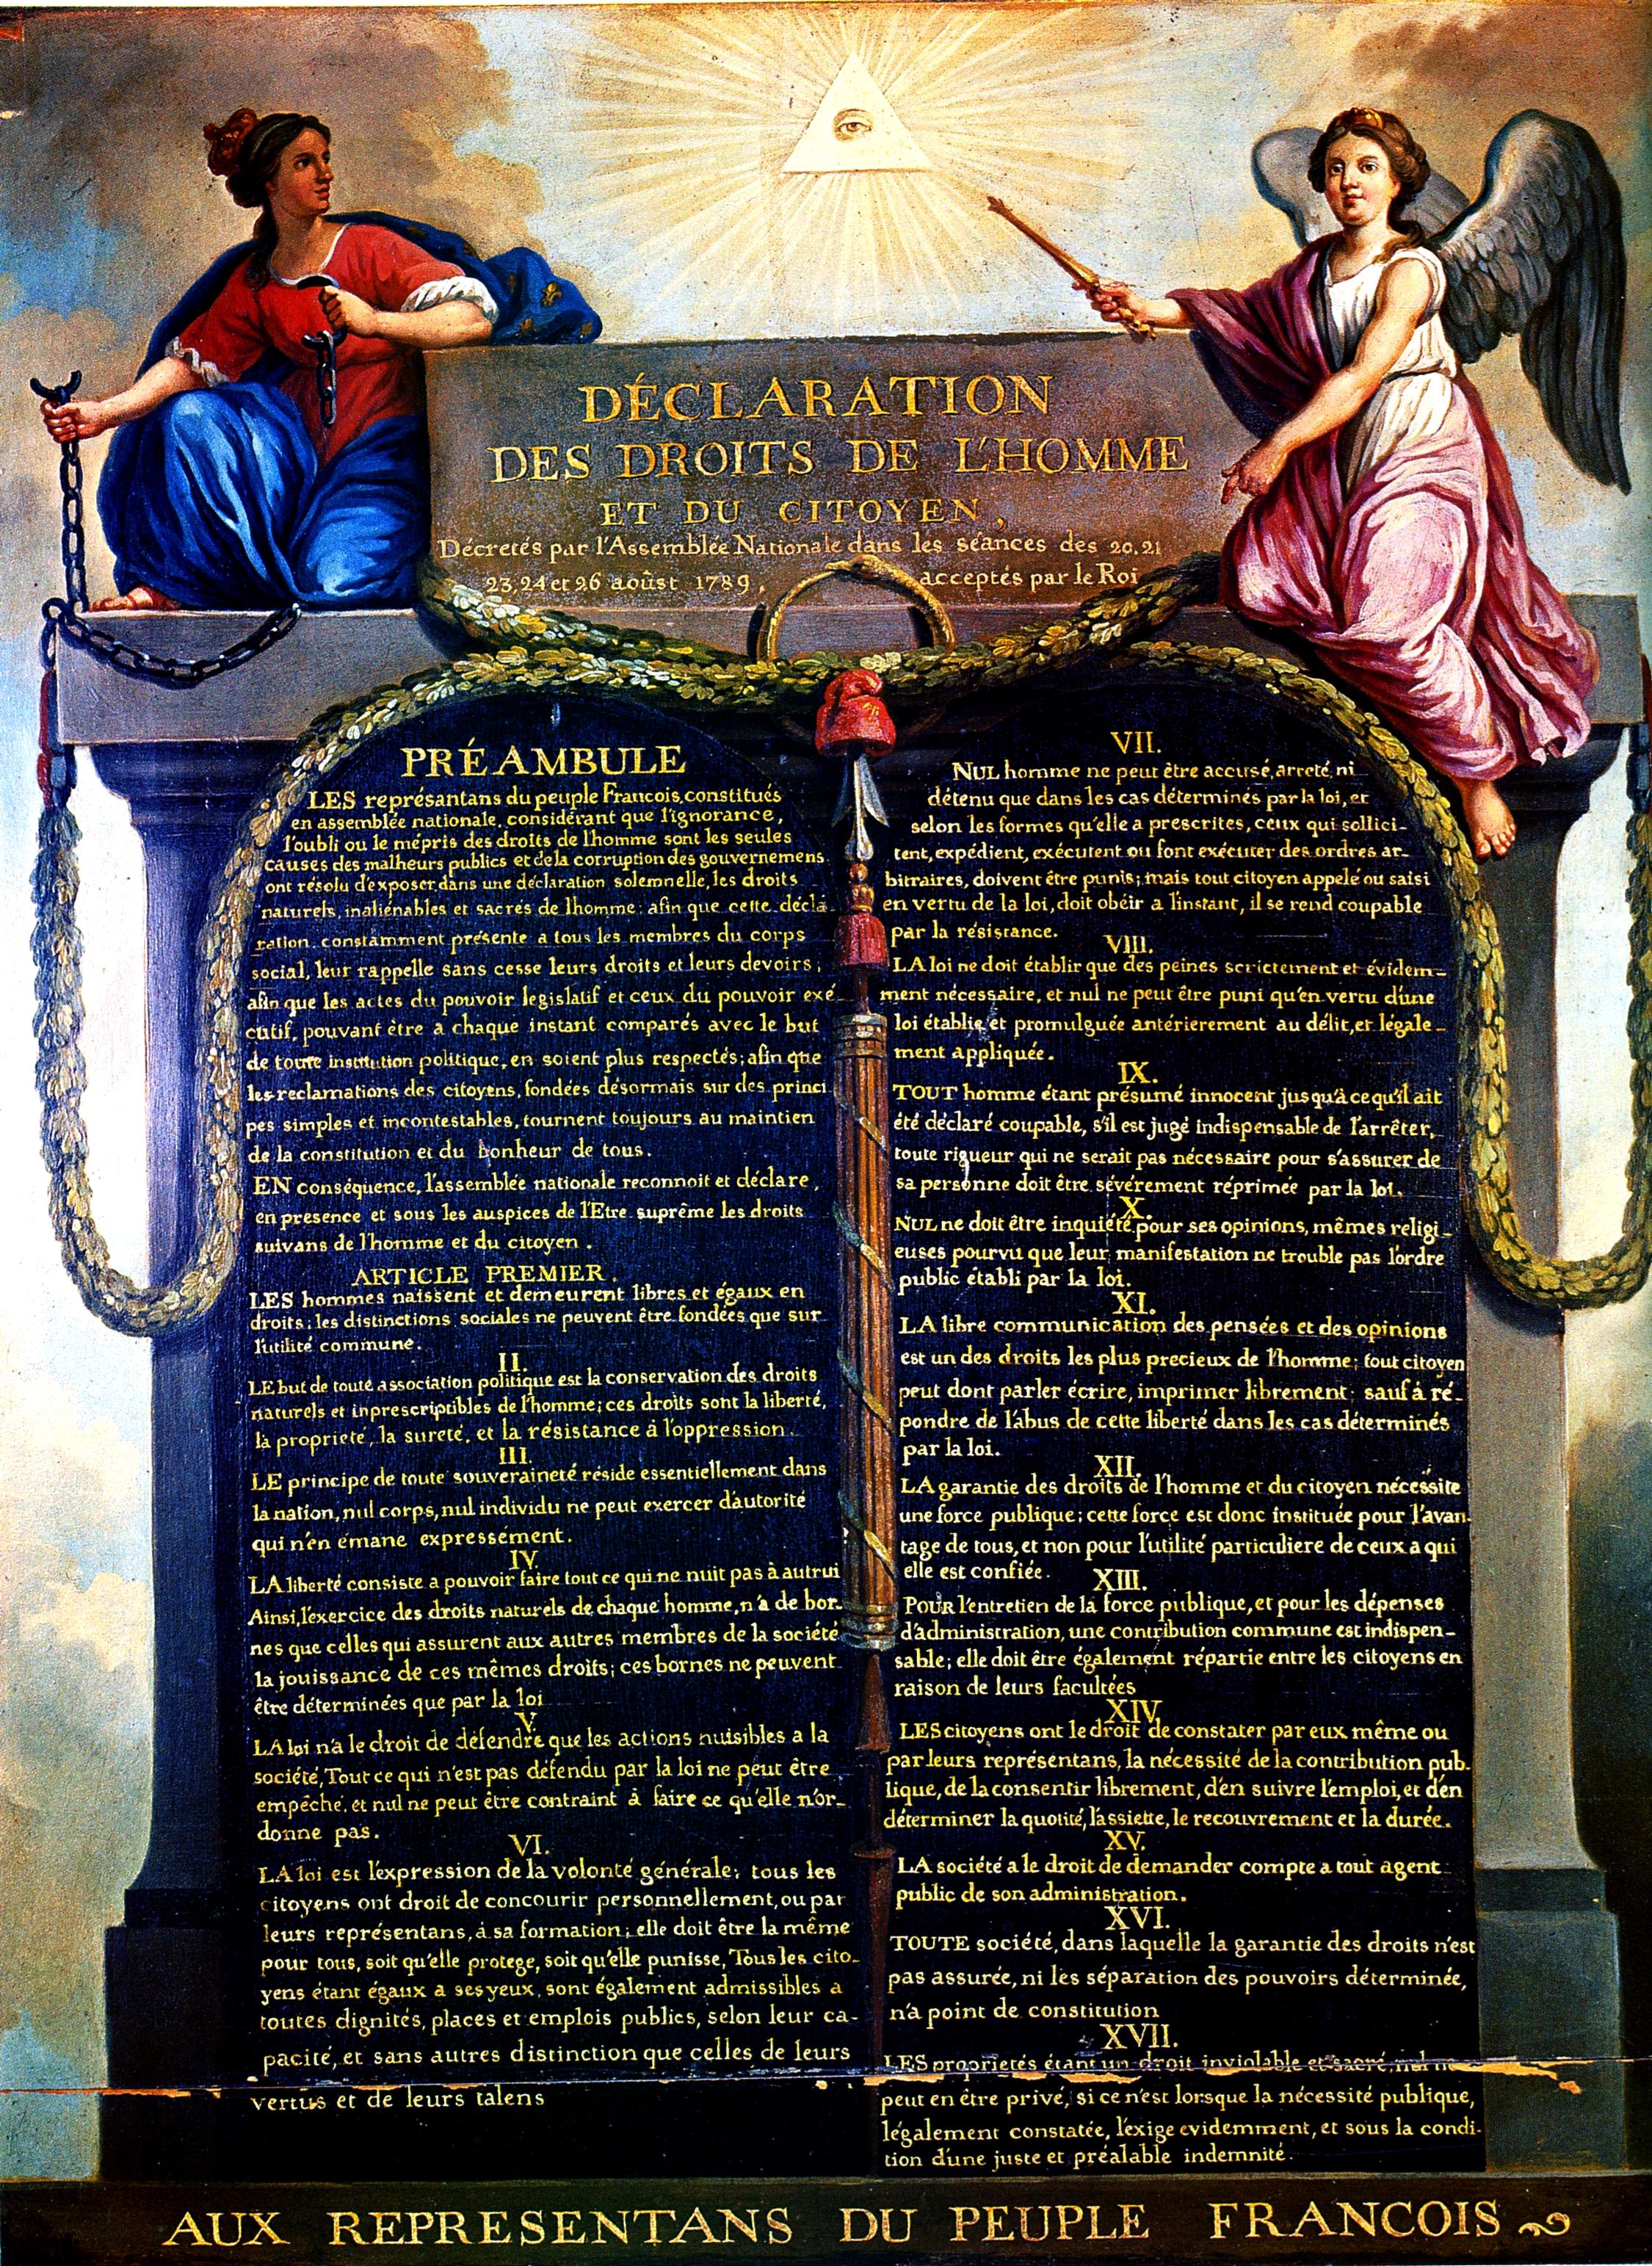 http://upload.wikimedia.org/wikipedia/commons/a/aa/Le_Barbier_Dichiarazione_dei_diritti_dell%27uomo.jpg